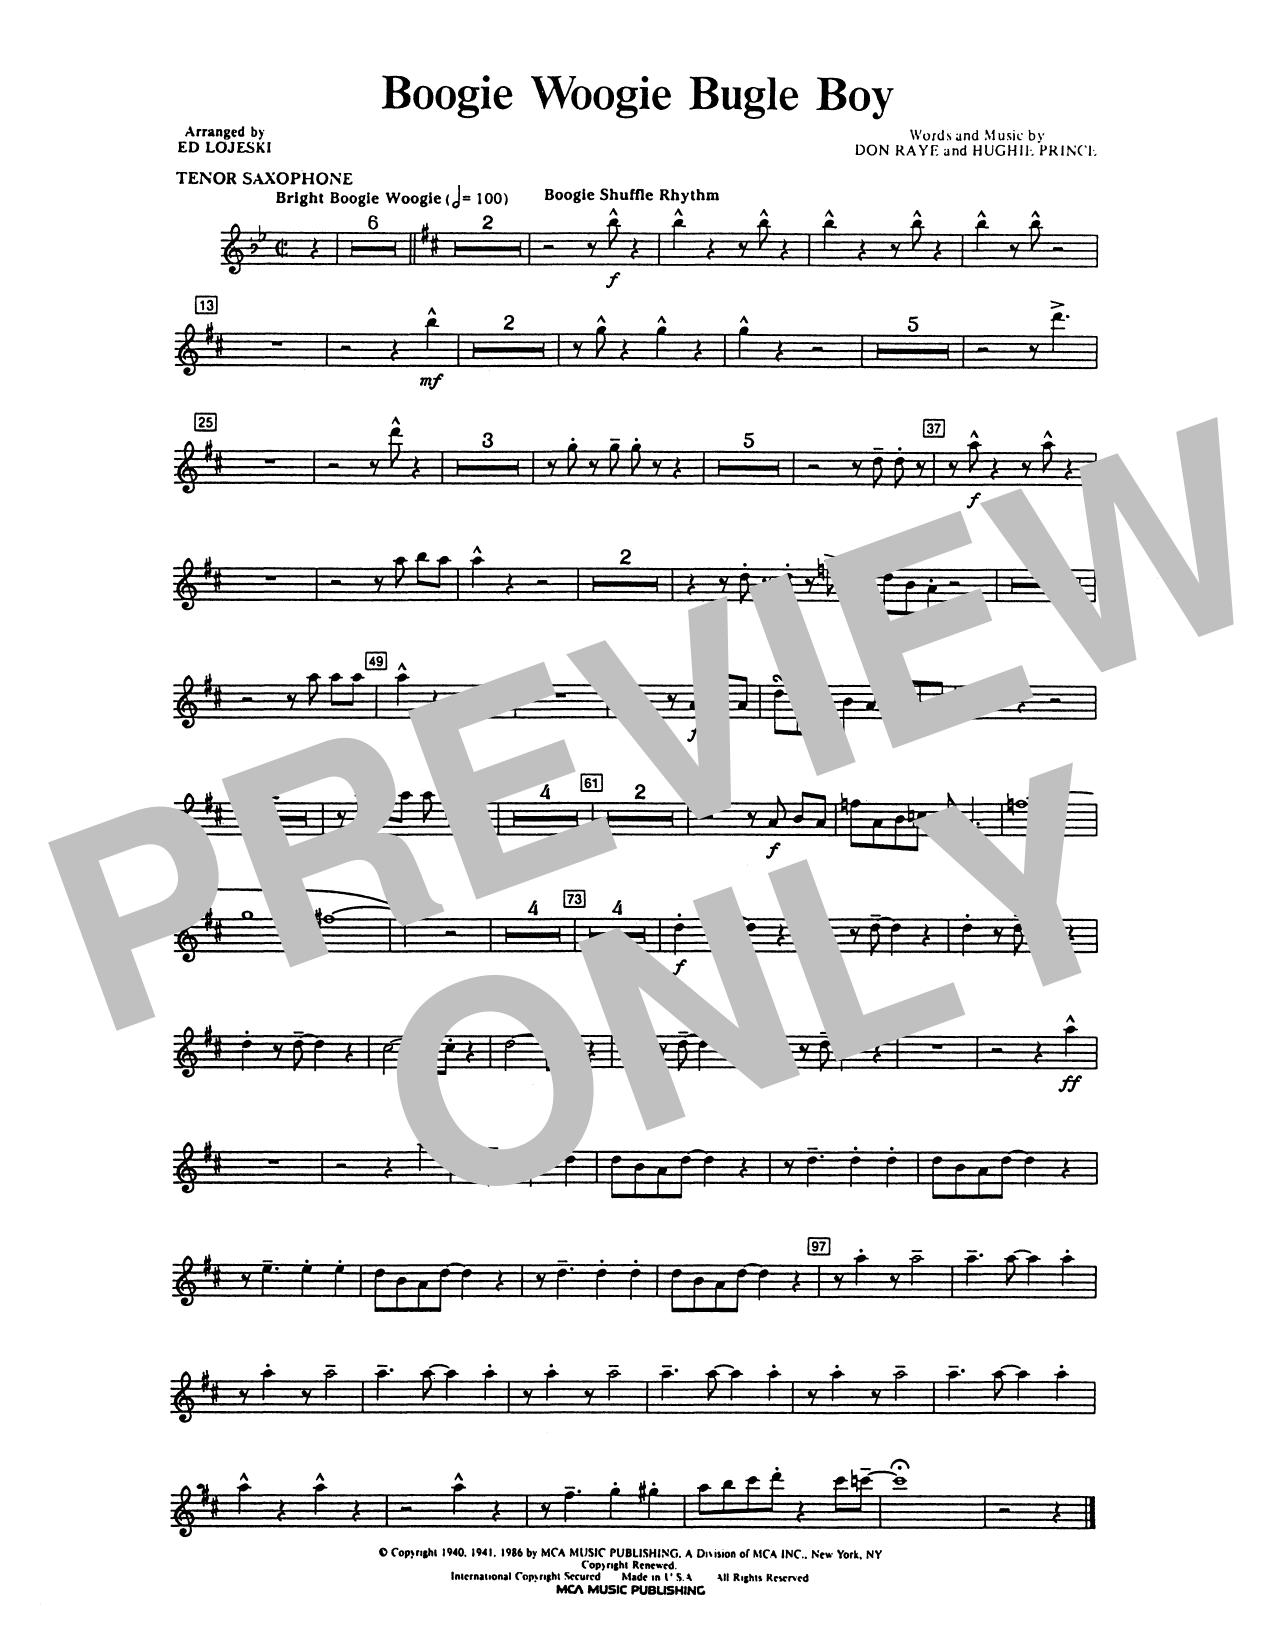 Andrews Sisters - Boogie Woogie Bugle Boy - Tenor Sax 1